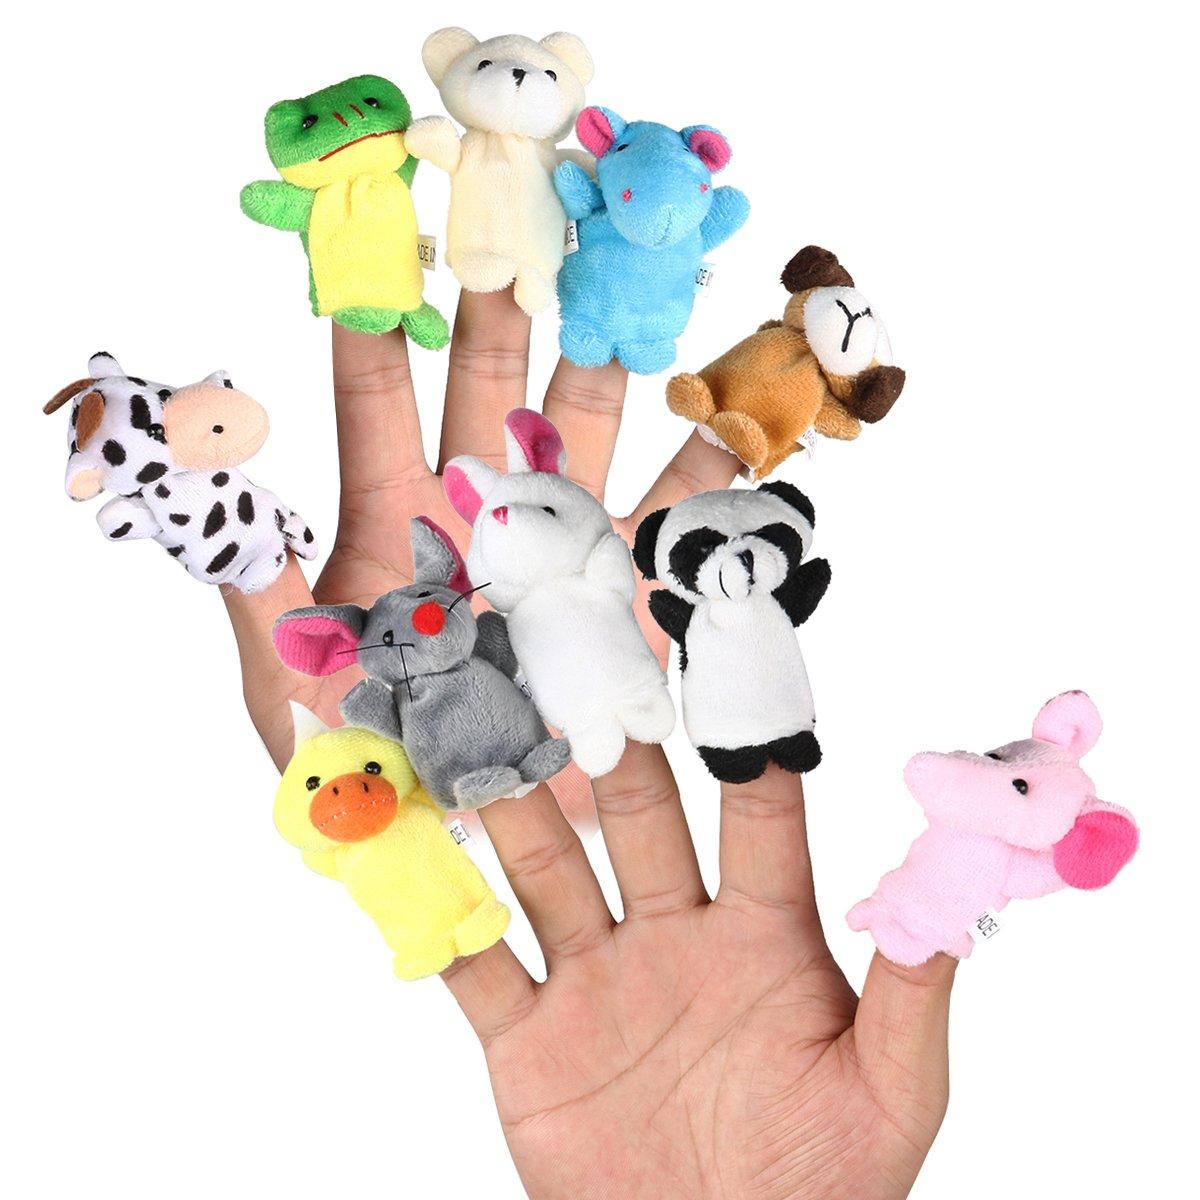 LEORX Animales de la dedos títeres muñecos Soft accesorios juguetes pcs patrón